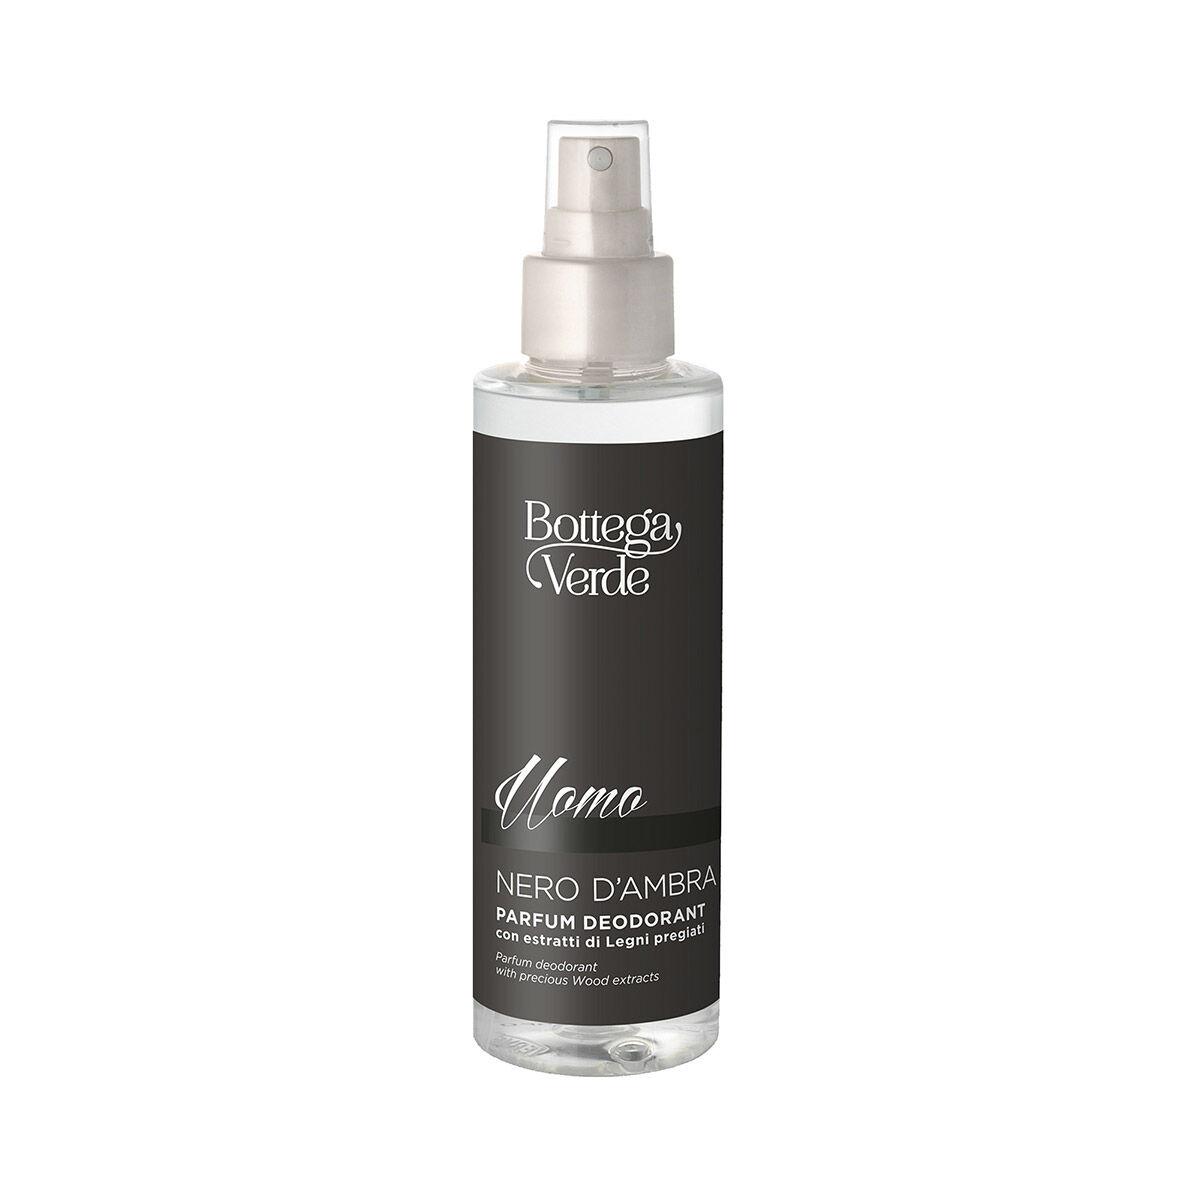 Bottega Verde Desodorante perfumado con extractos de Maderas preciosas (150 ml) Negro Ámbar